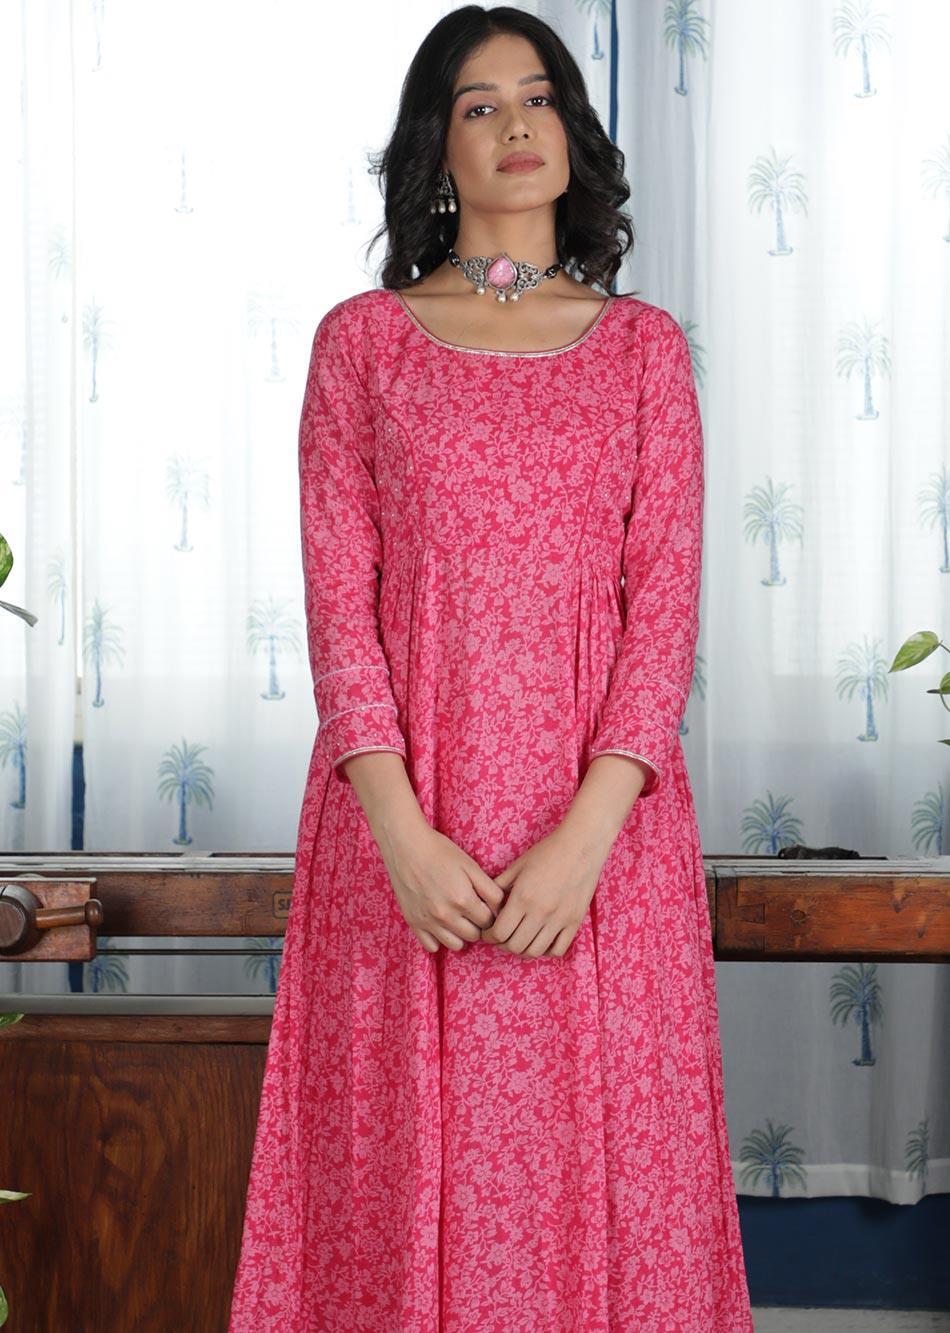 MOH Pink Side Gather's Anarkali (only kurta) By Jovi Fashion